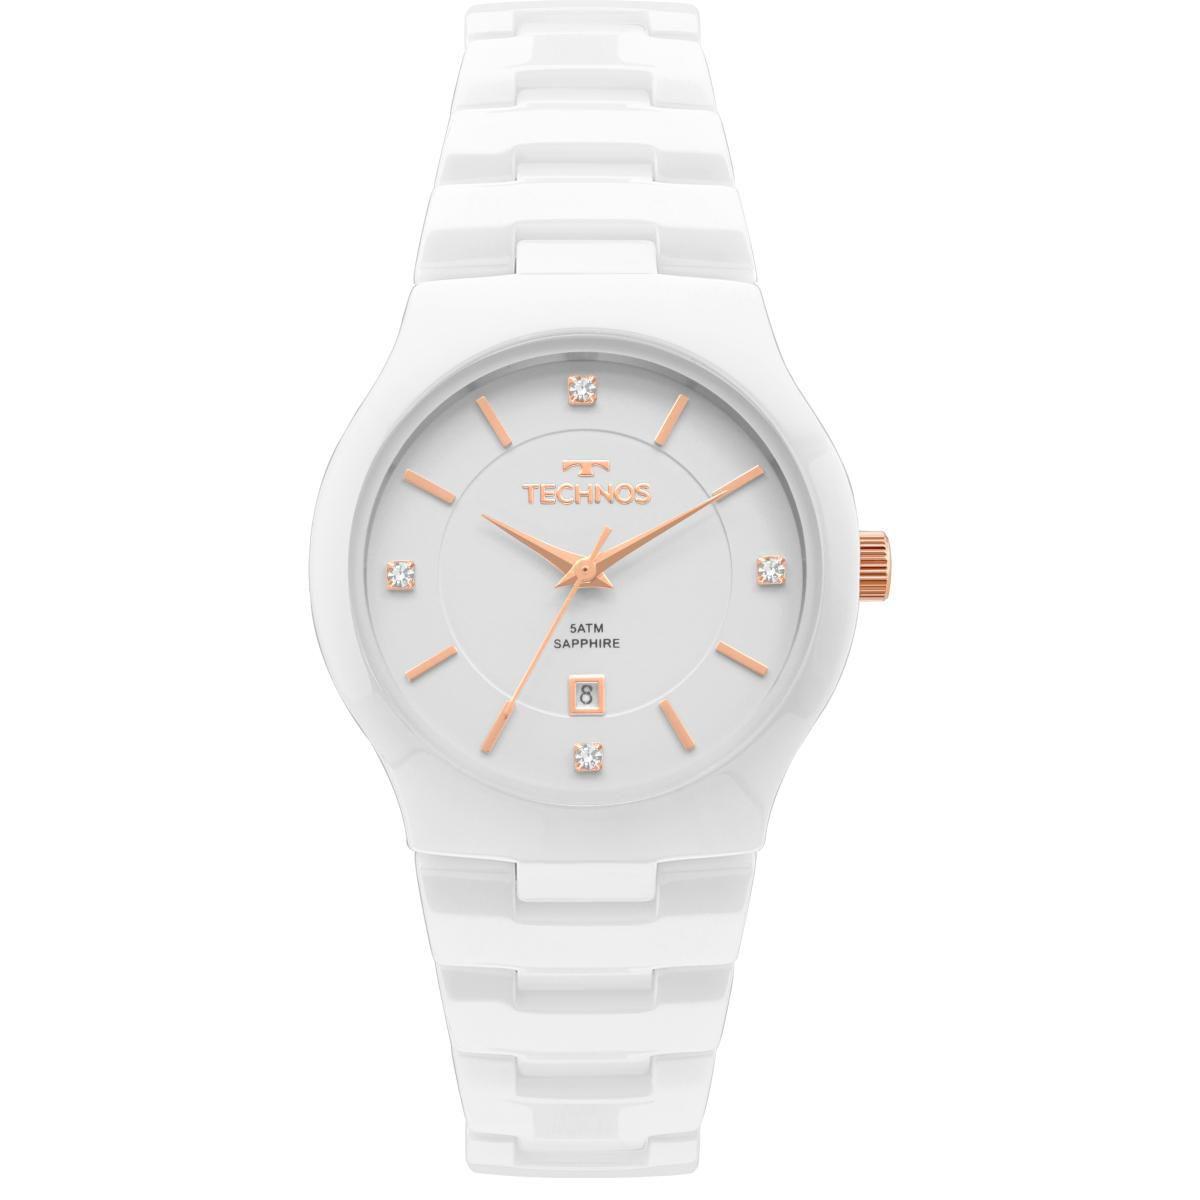 Relógio Feminino Technos GN10AV/4B 35mm Ceramica Branca